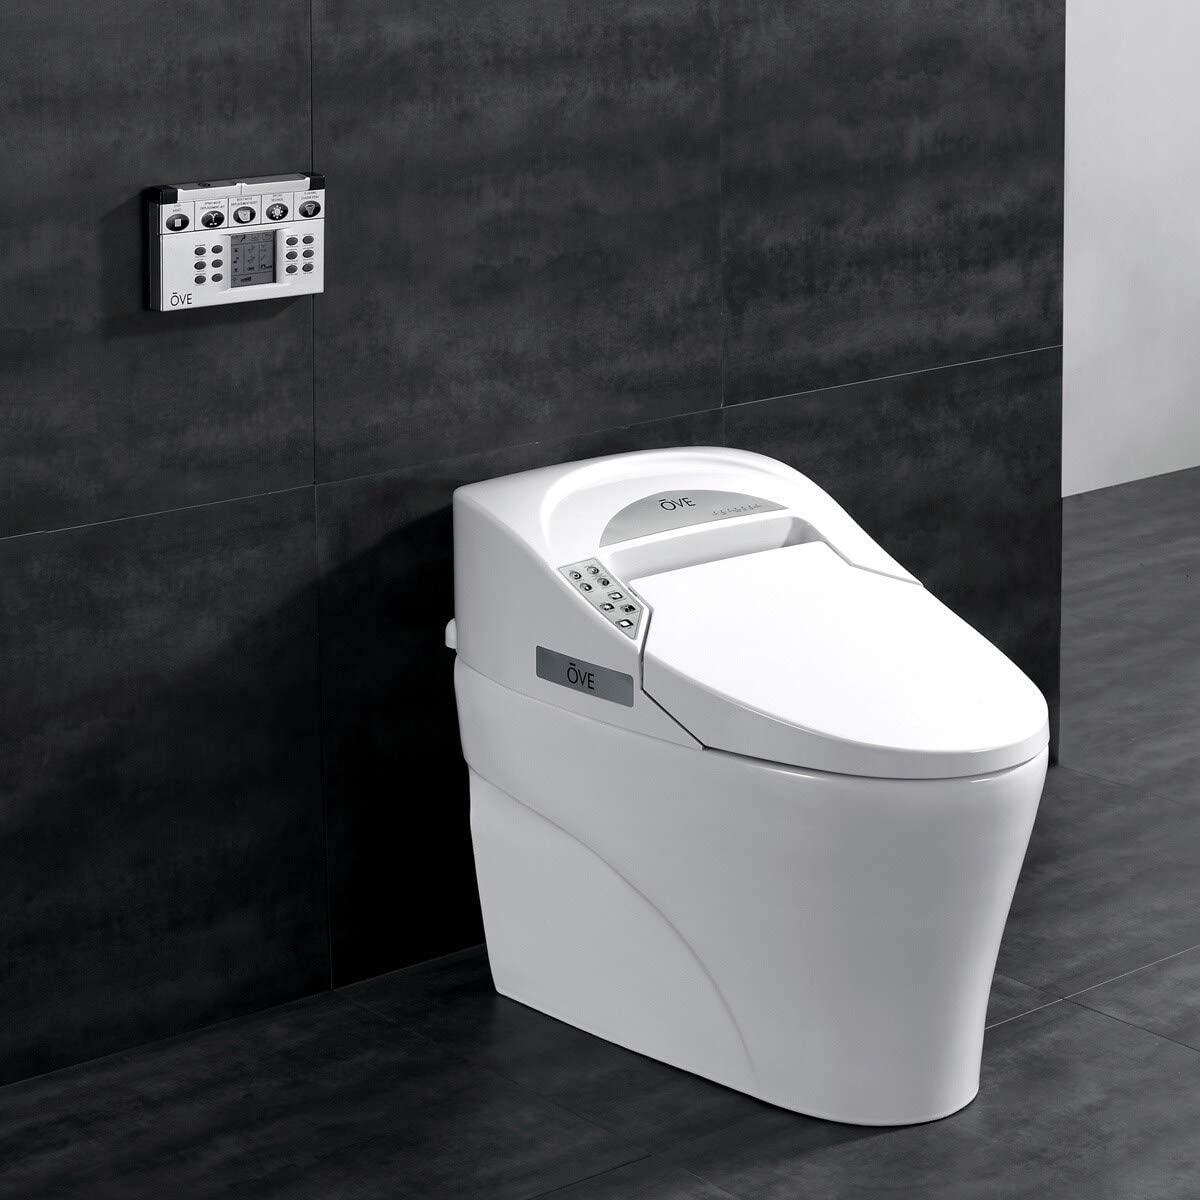 toilet types: smart toilet